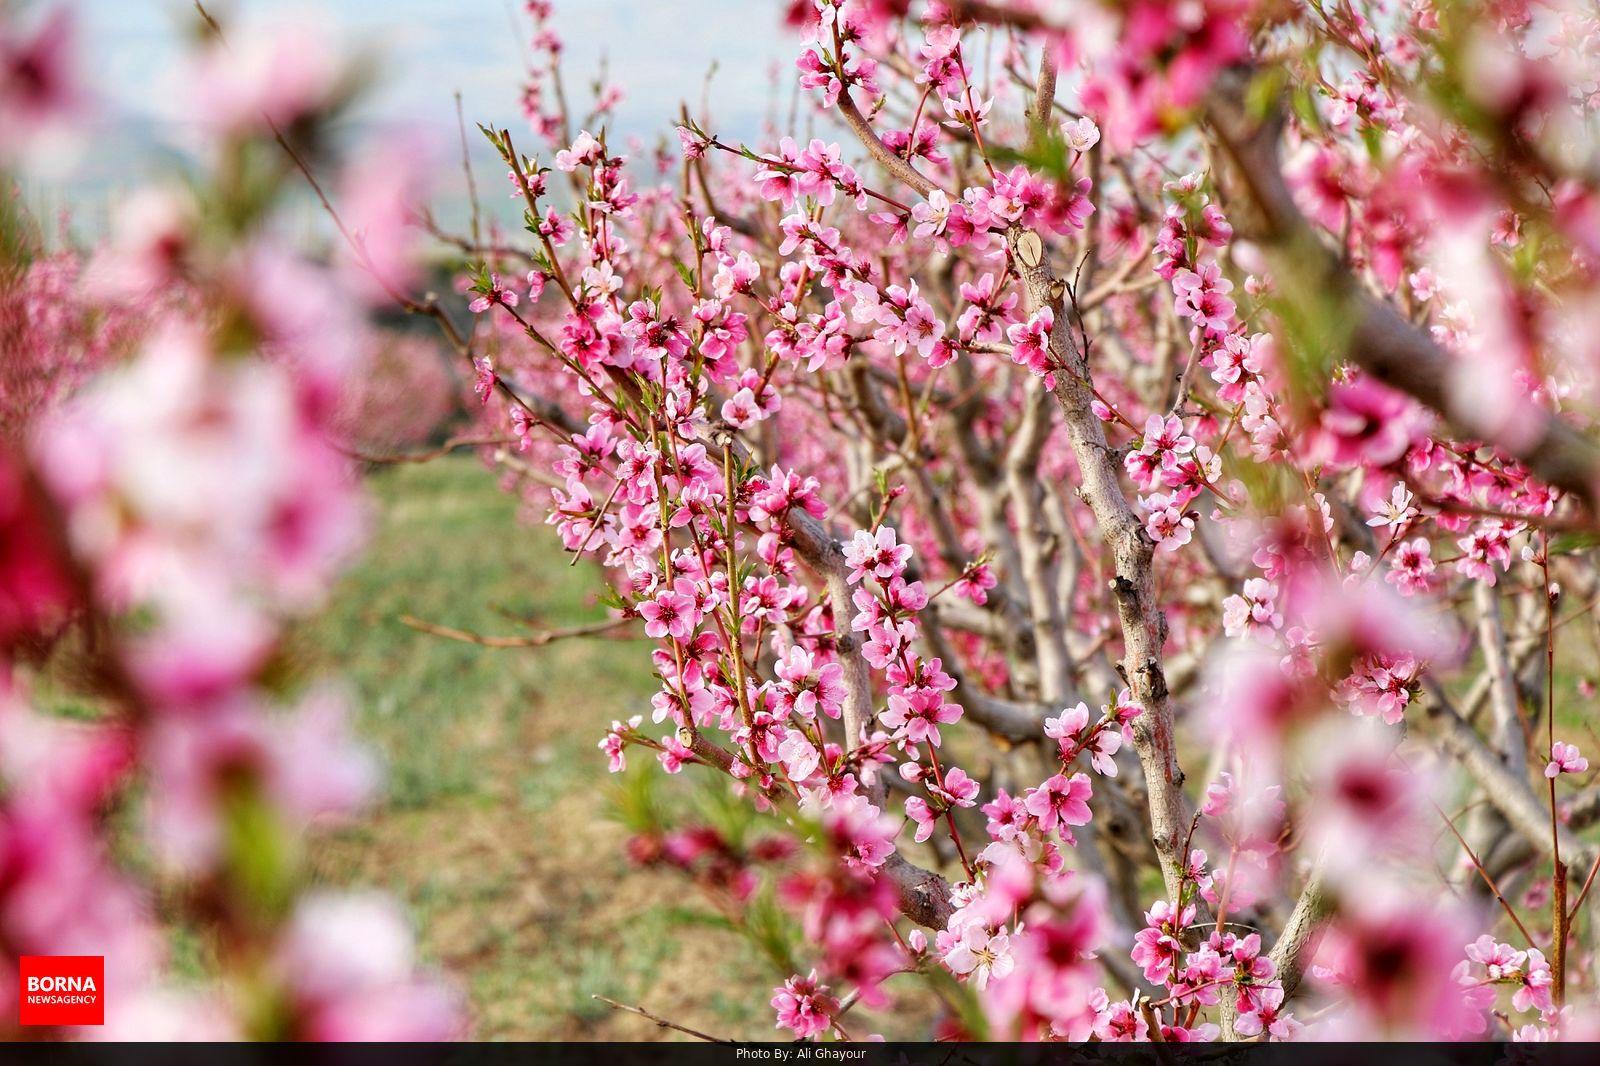 باغی از شکوفه های صورتی از درختان هلو و شلیل